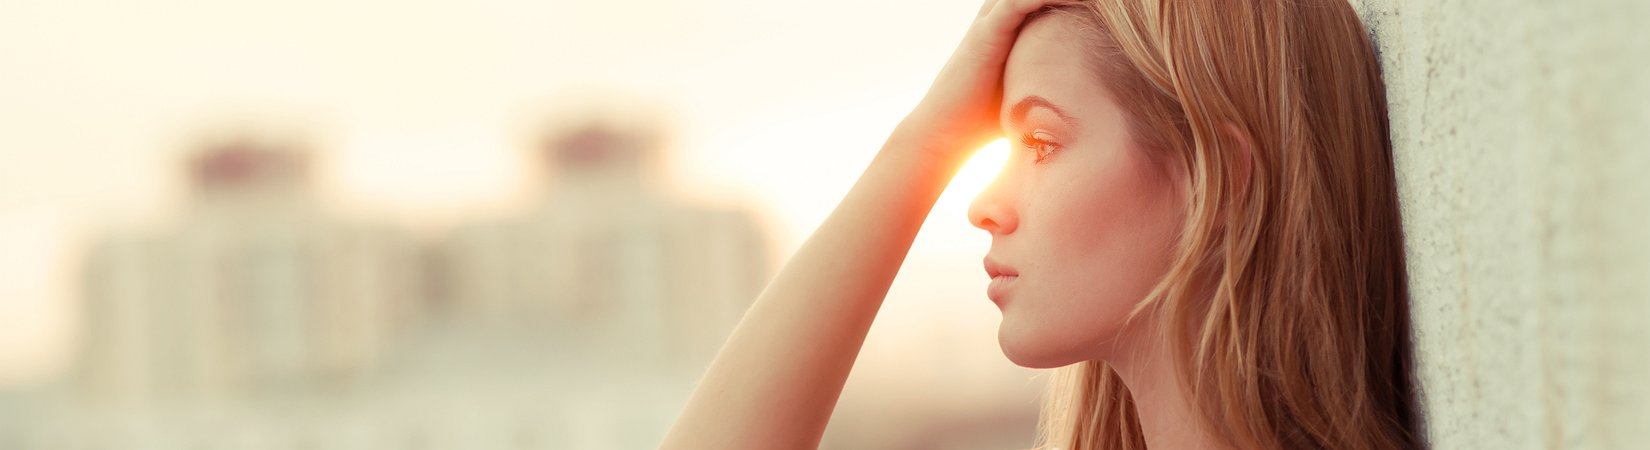 13 pensées négatives qui vous empêchent d'avancer